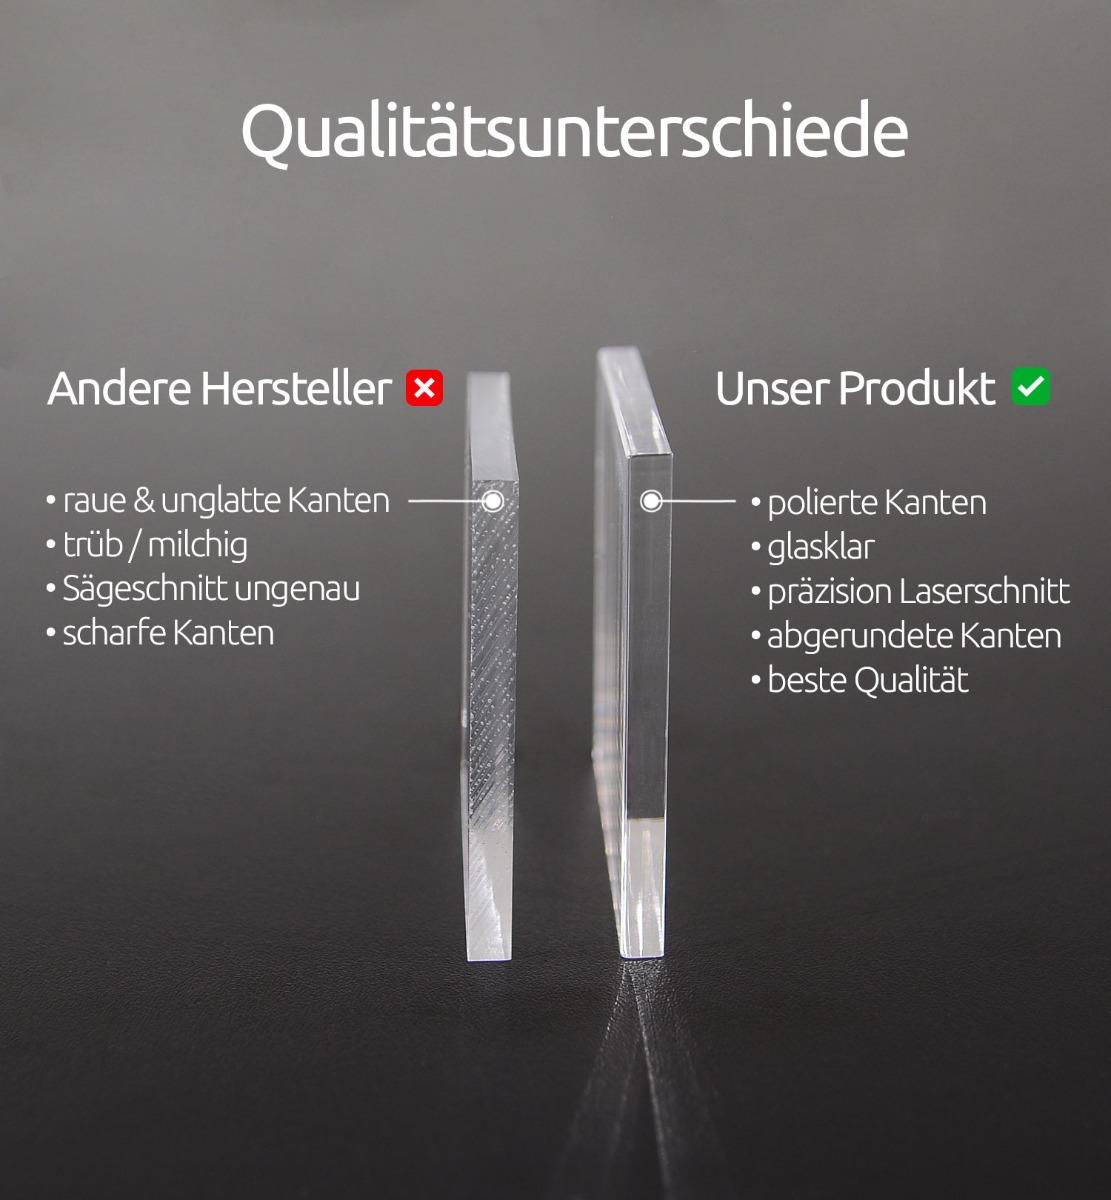 Acrylglasplatte - Qualitätsunterschiede